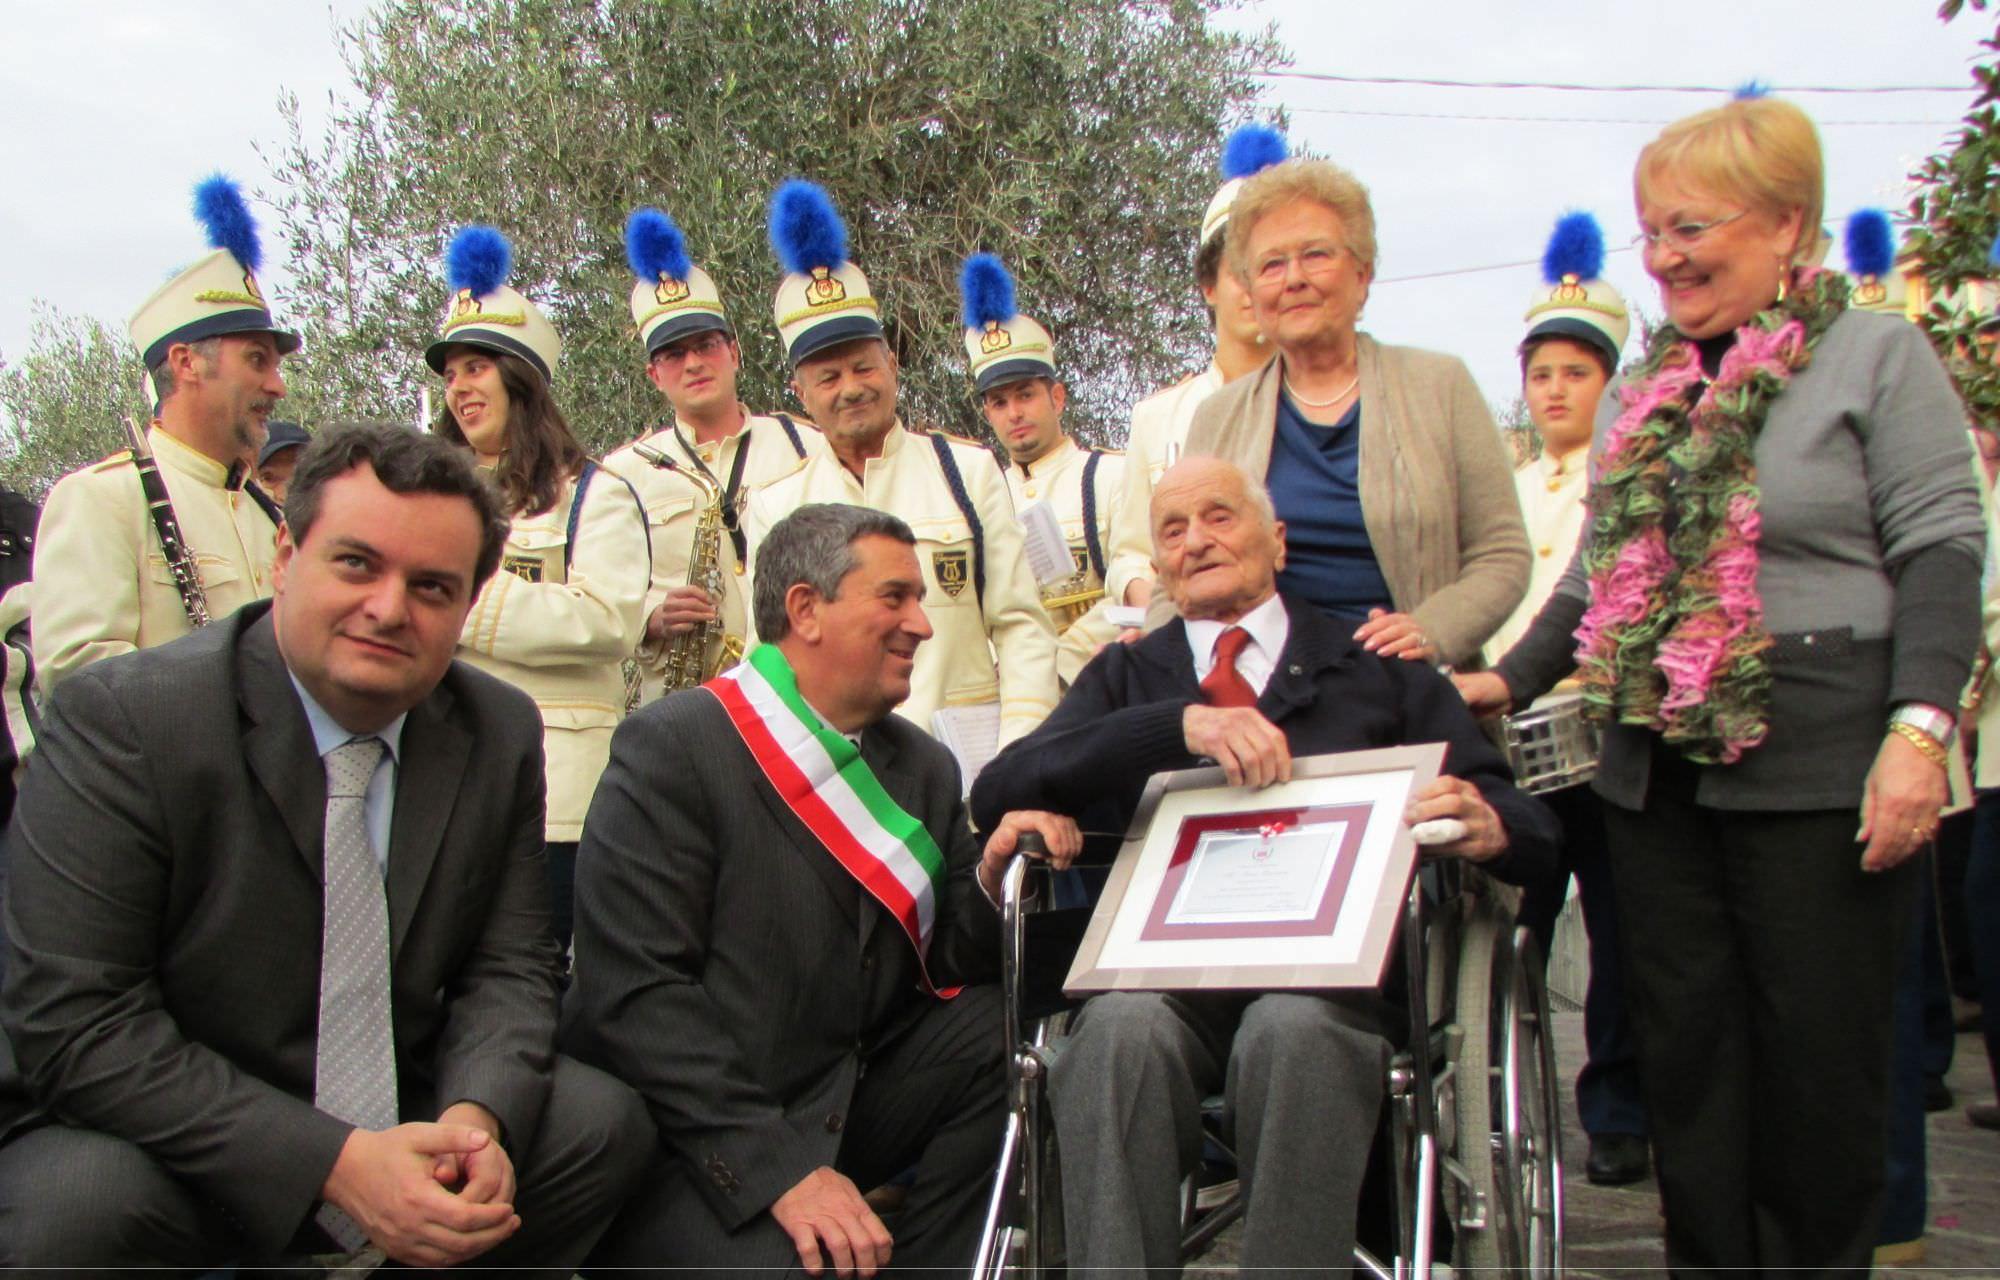 Festa grande a Quiesa per i 100 anni di Ivano Lazzarini